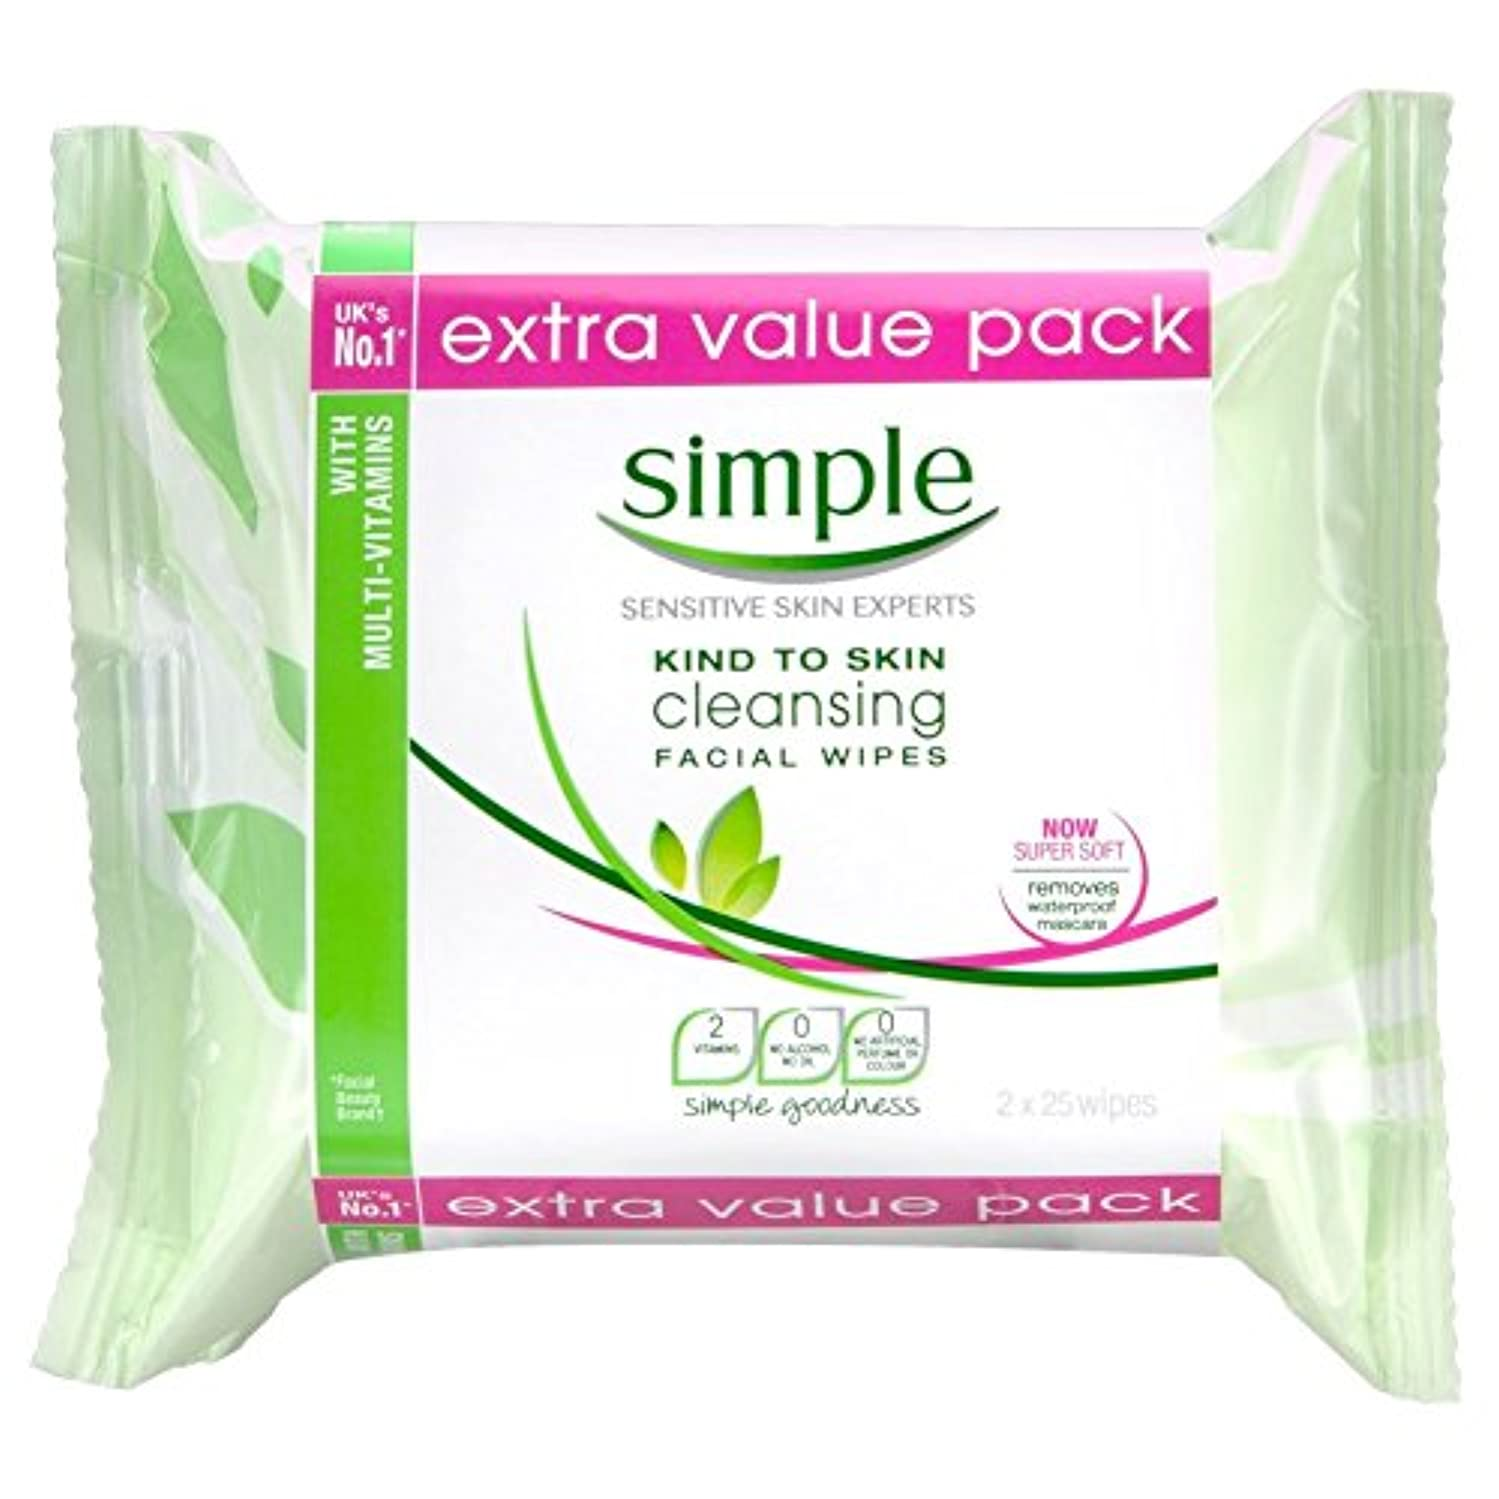 巡礼者侮辱抑制するSimple Cleansing Facial Wipes (25 per pack x 2) シンプルなクレンジングフェイシャルワイプ(パックあたり25× 2 ) [並行輸入品]